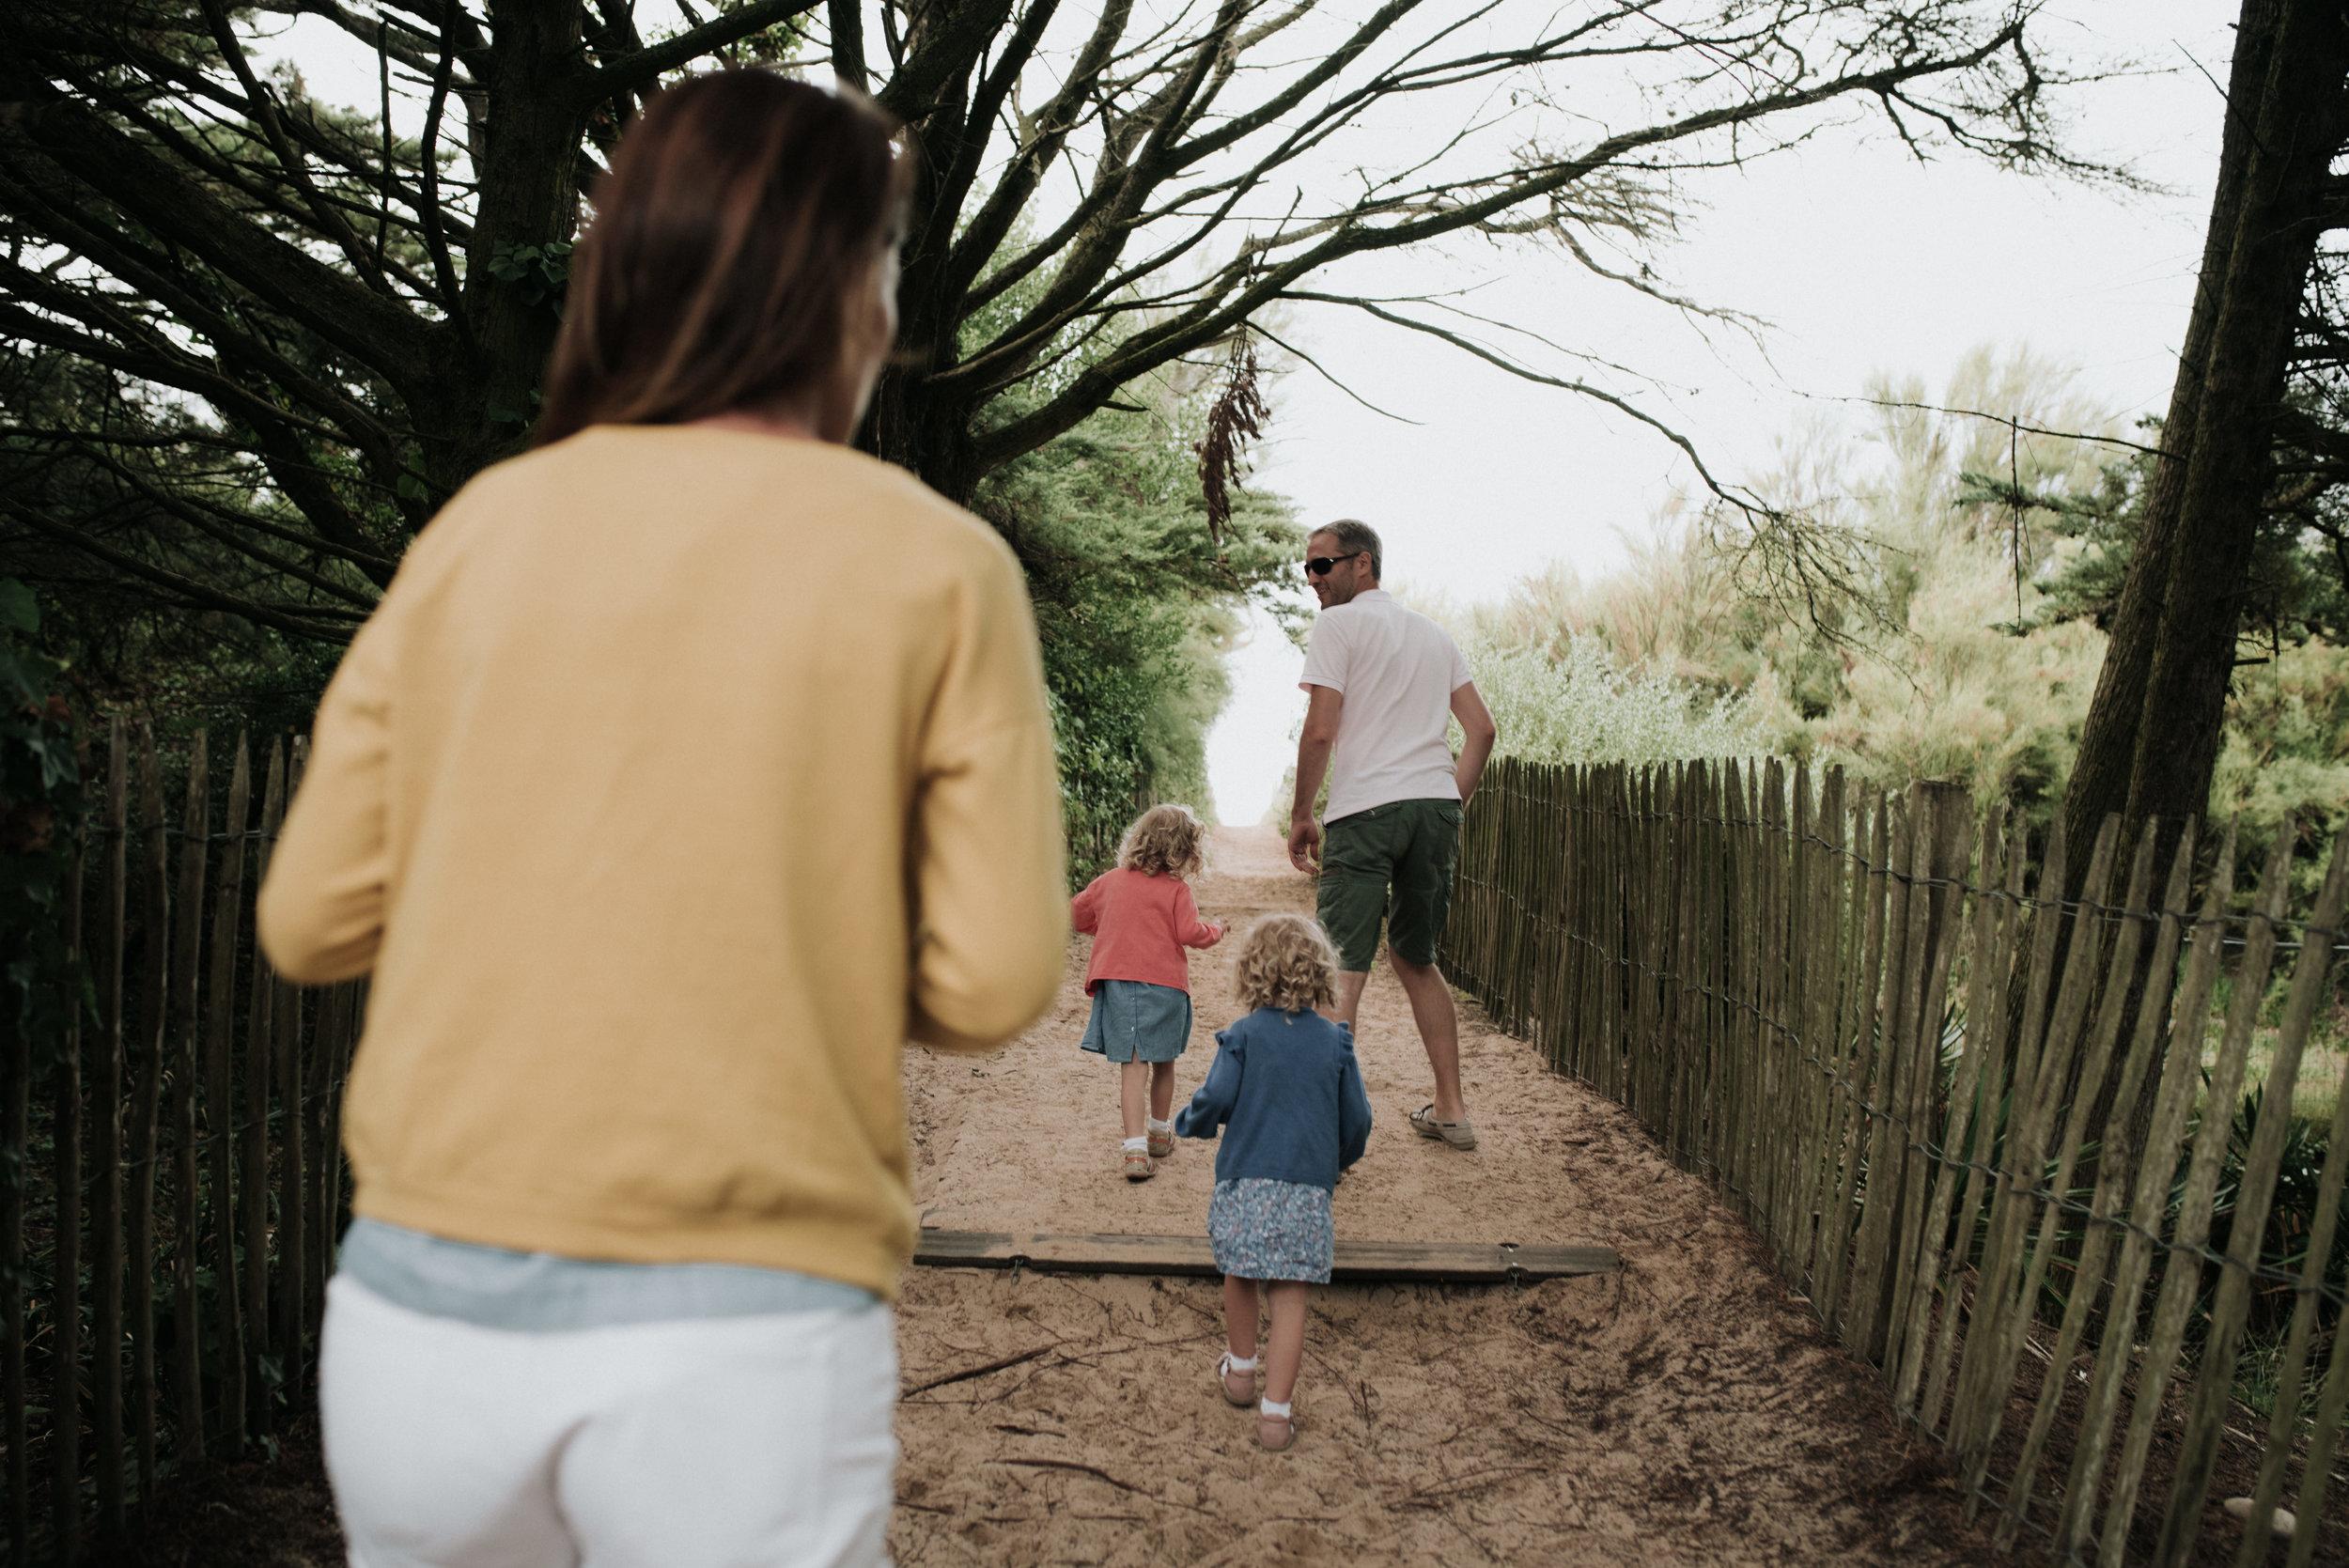 Léa-Fery-photographe-professionnel-lyon-rhone-alpes-portrait-creation-mariage-evenement-evenementiel-famille-2530.jpg